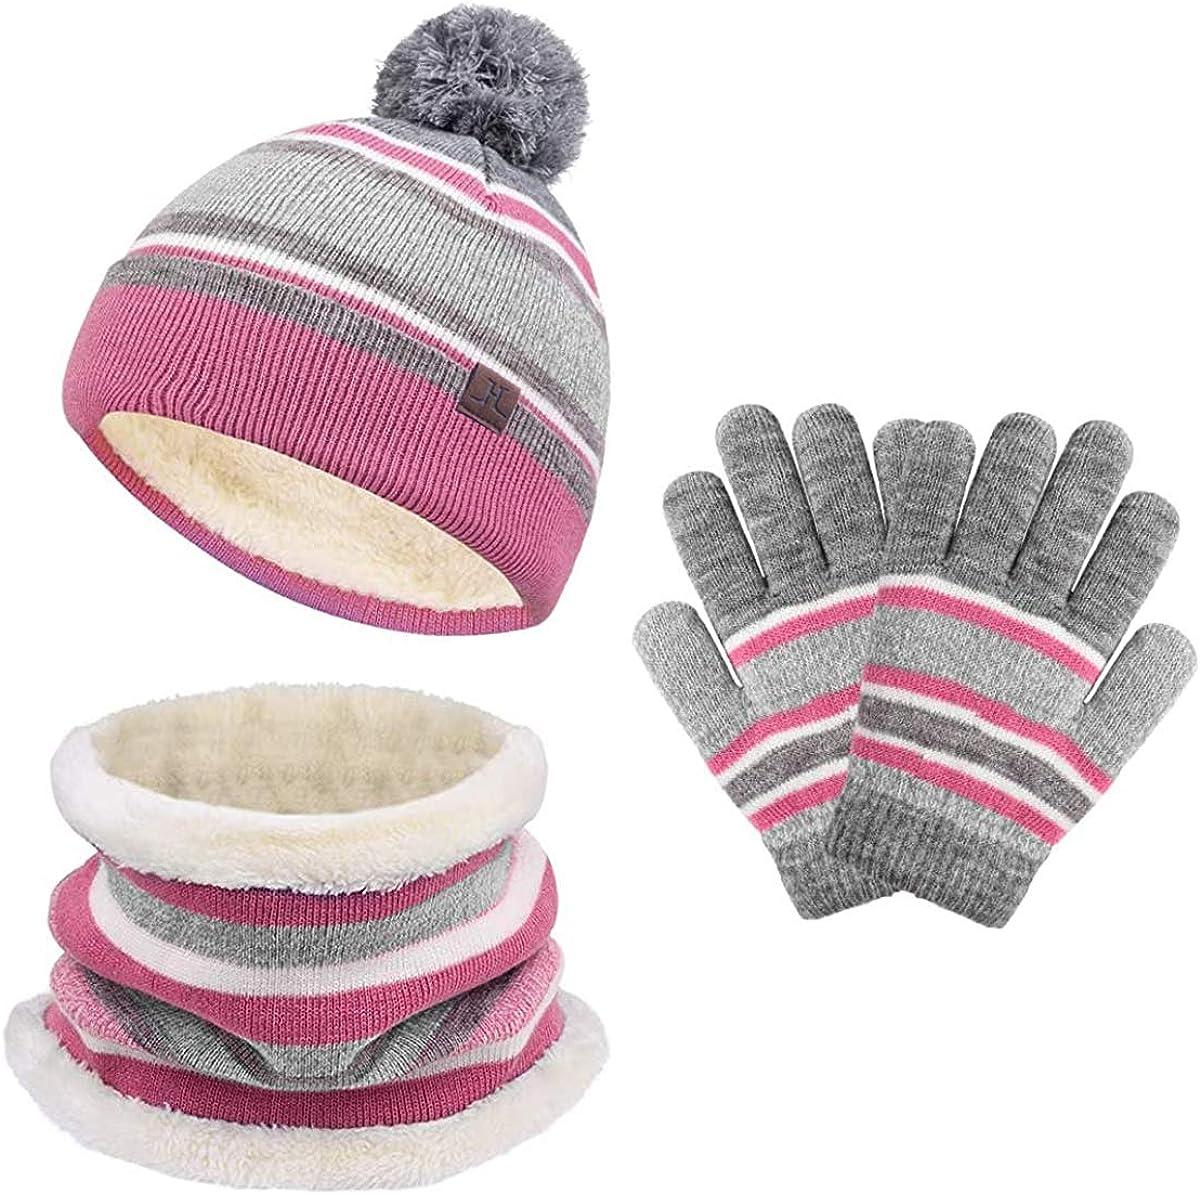 Kids Hat Scarf Gloves Set Toddler Winter Knit Beanies Neck Warmer Gaiter 3 set